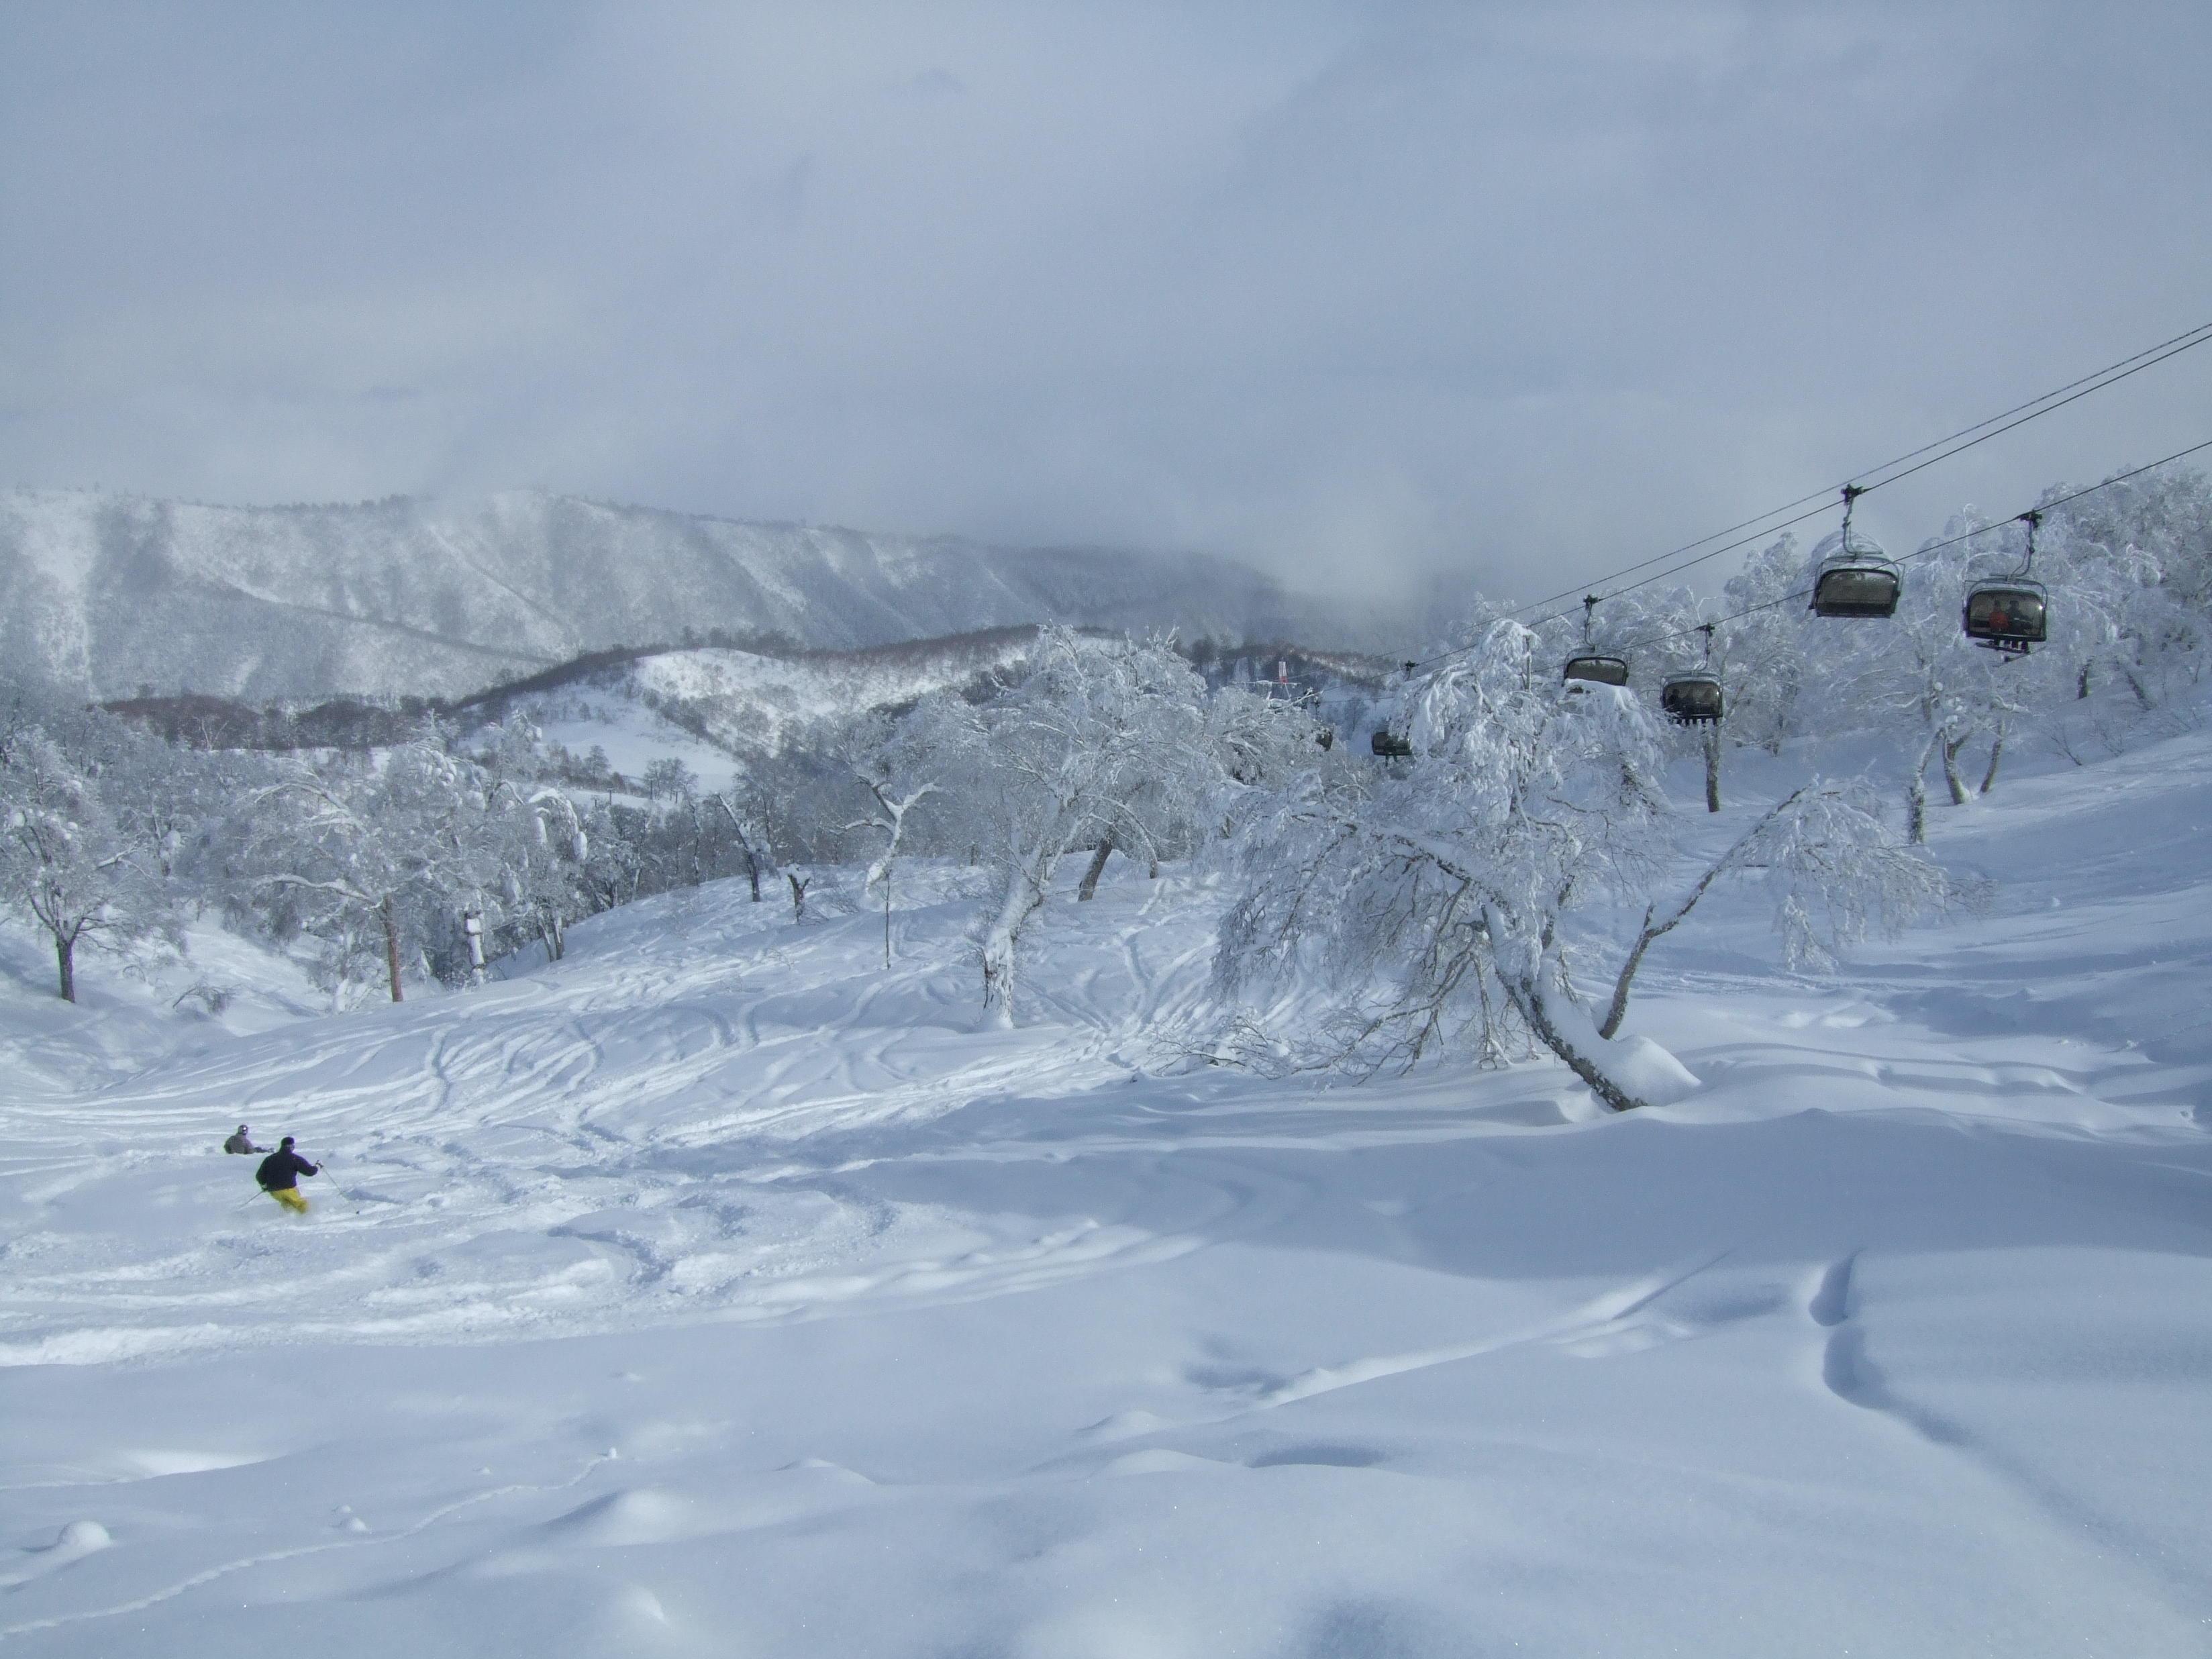 野沢温泉スキー場、クリックすると、ムービーが動きます。